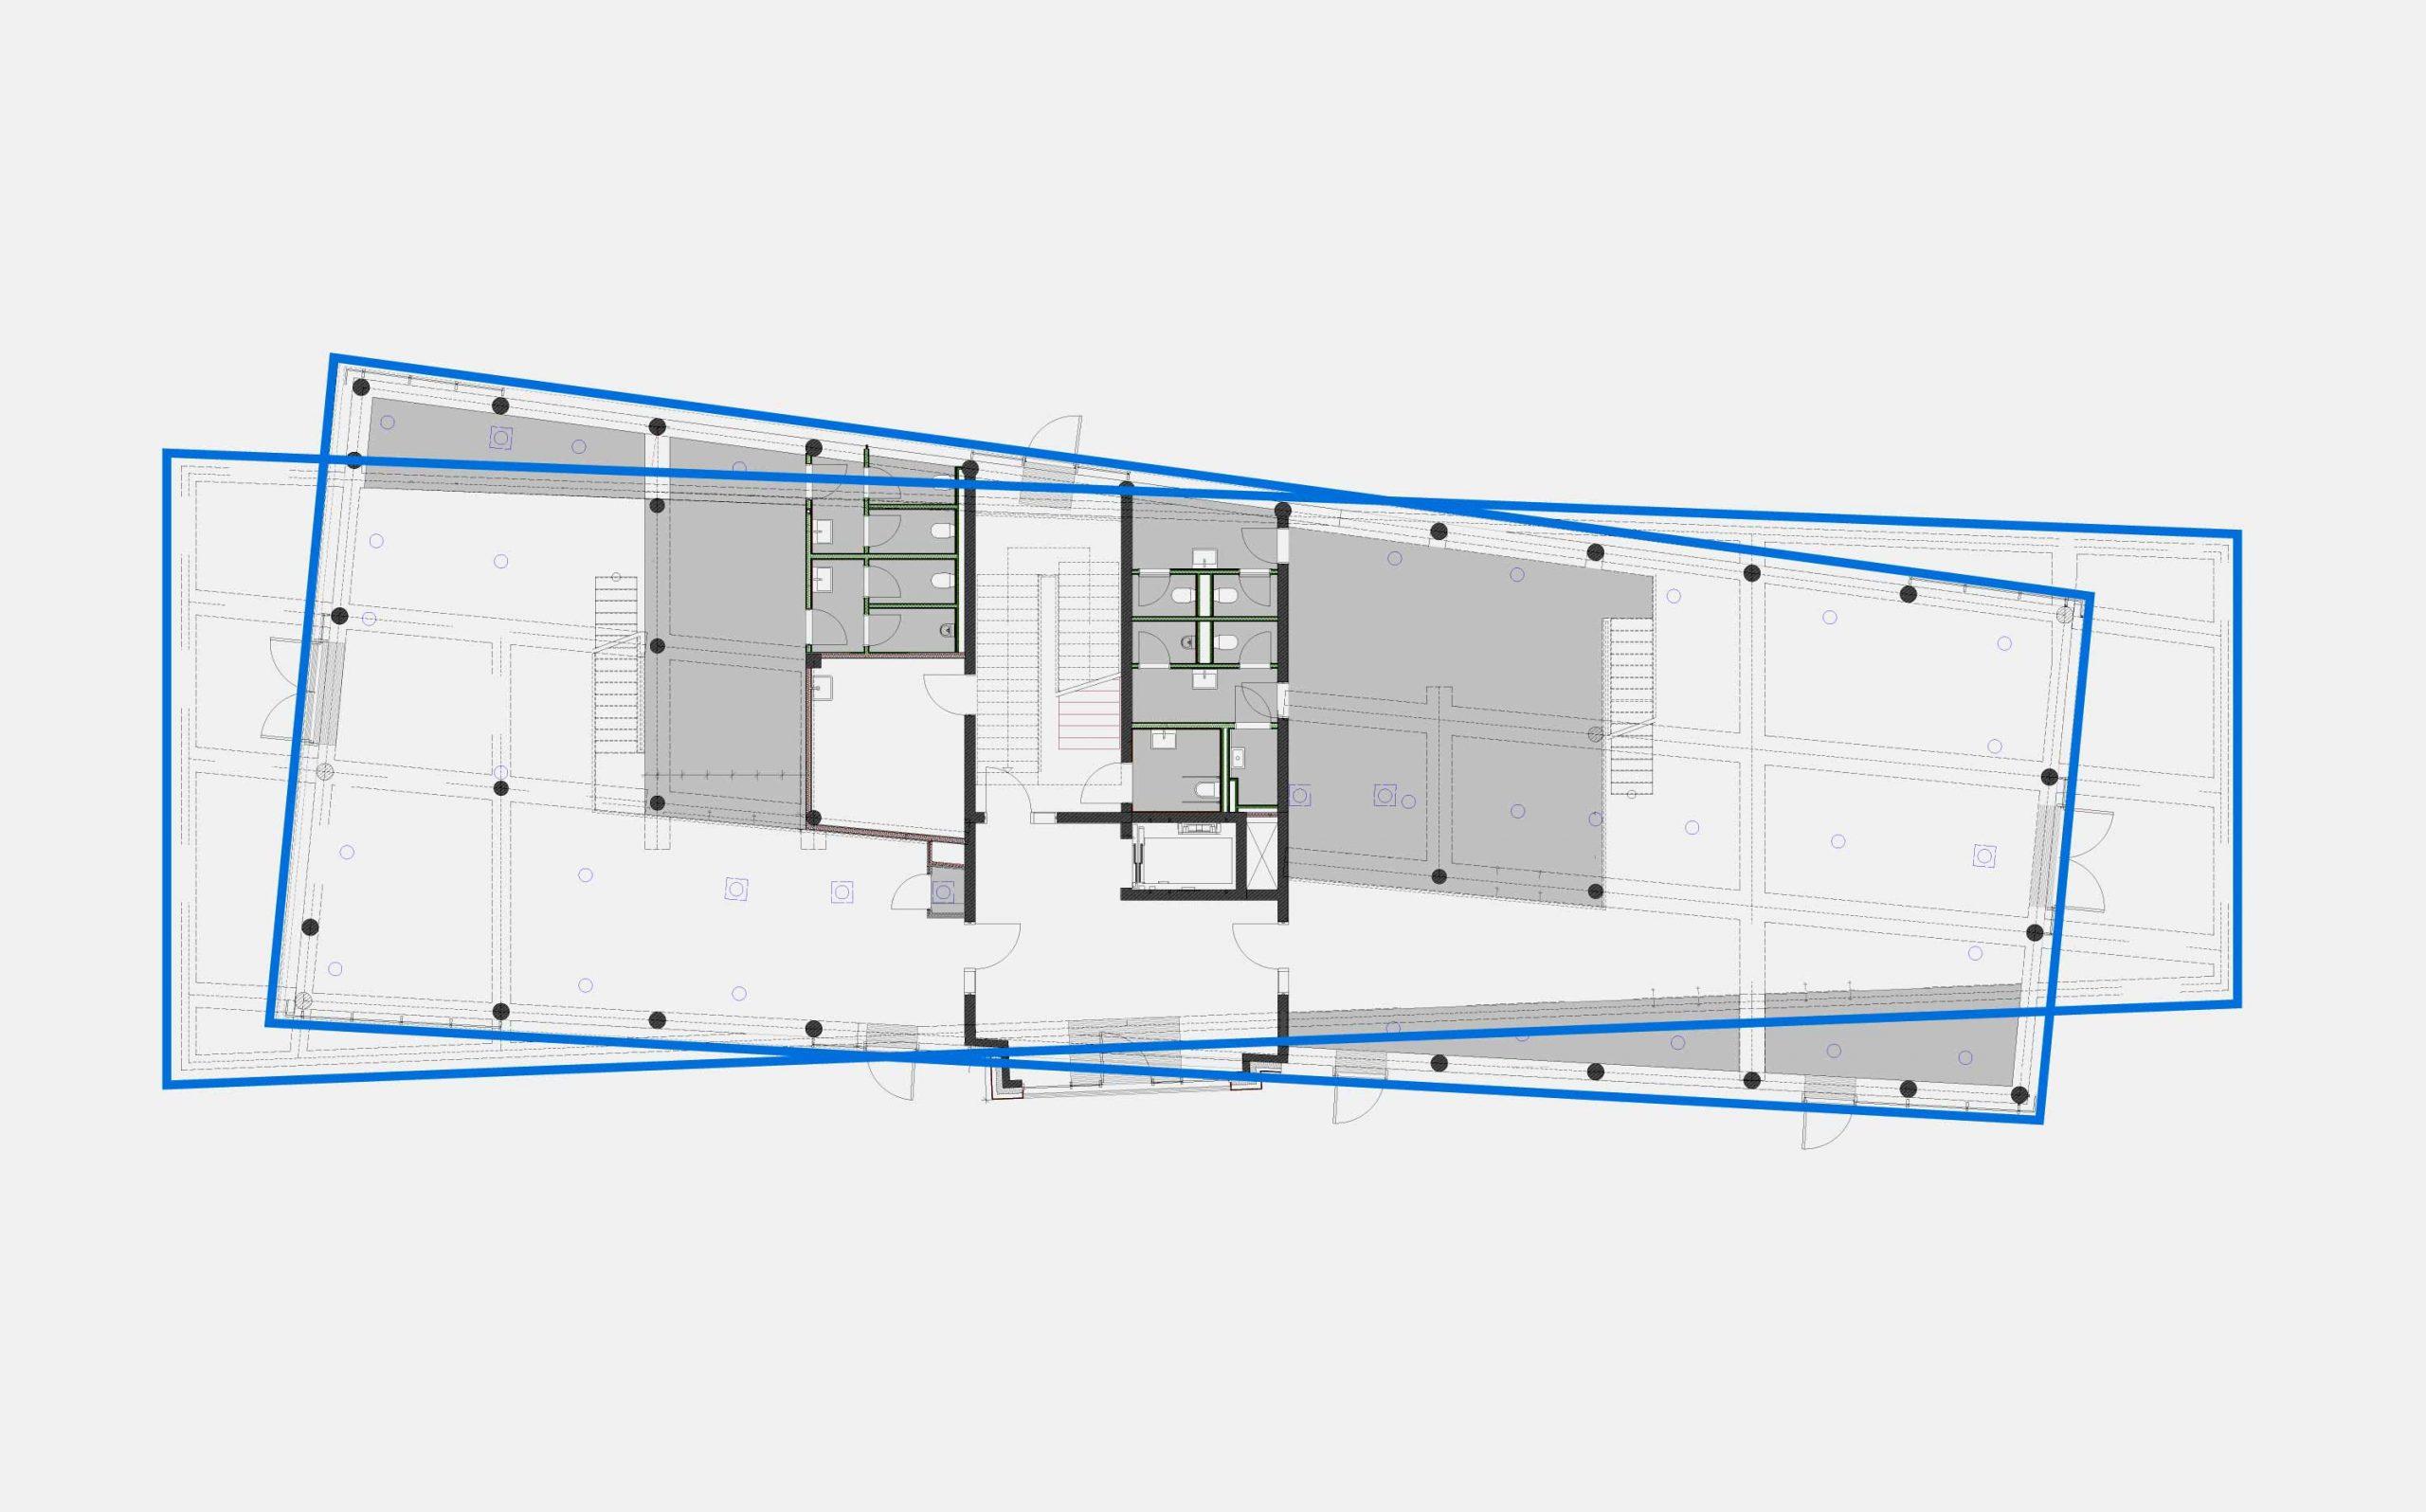 Leit- & Informationssystem The Beach, Düsseldorf | Architektur, Grundriss| Keywords: Etagenkennzeichnung, Signaletik, Leitsystem, Orientierungssystem, Büro, Office, Design, Grafikdesign, Typografie